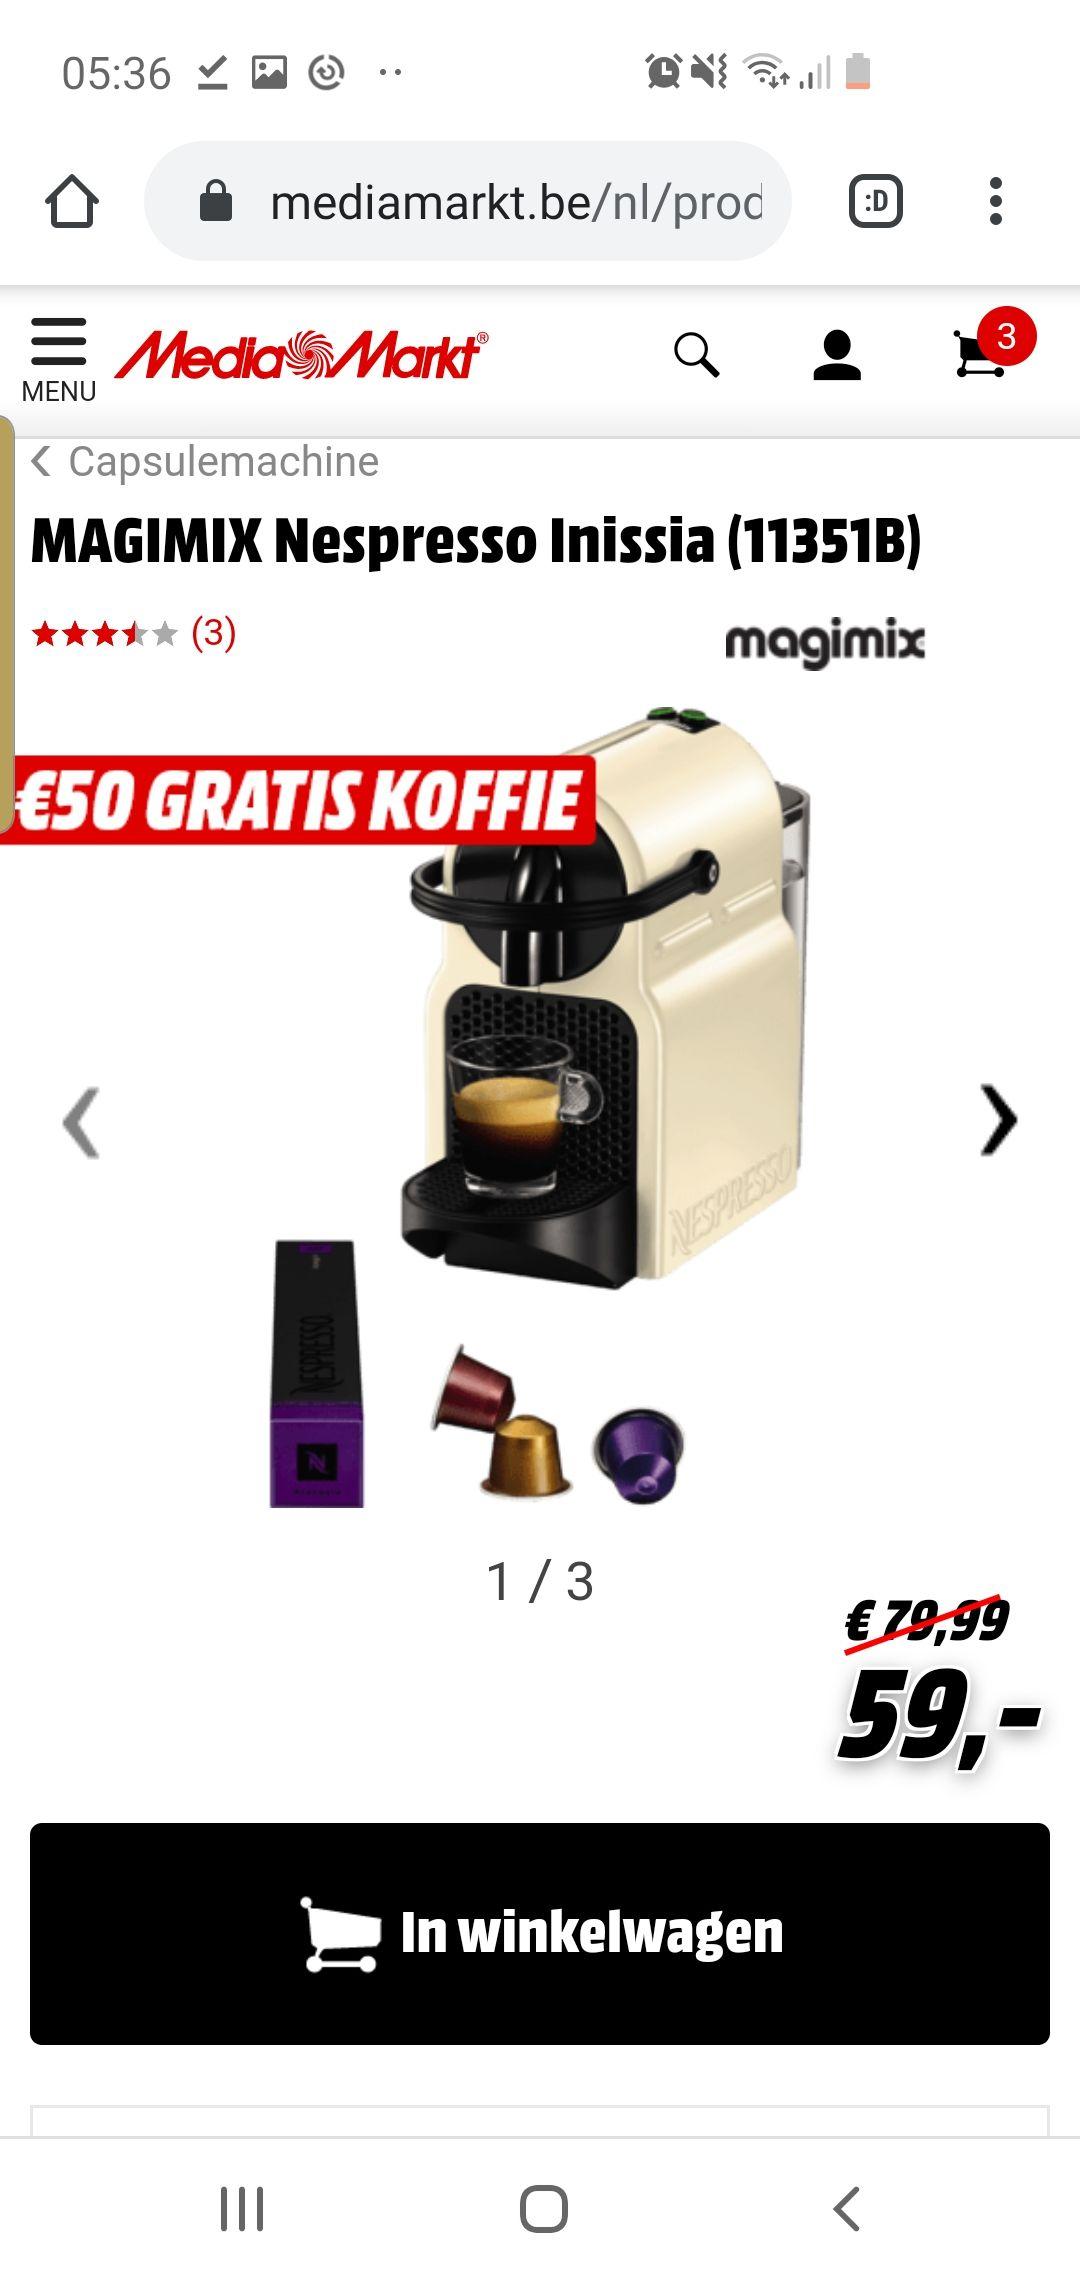 Grensdeal magimix nespresso inisia met 50 euro gratis koffie